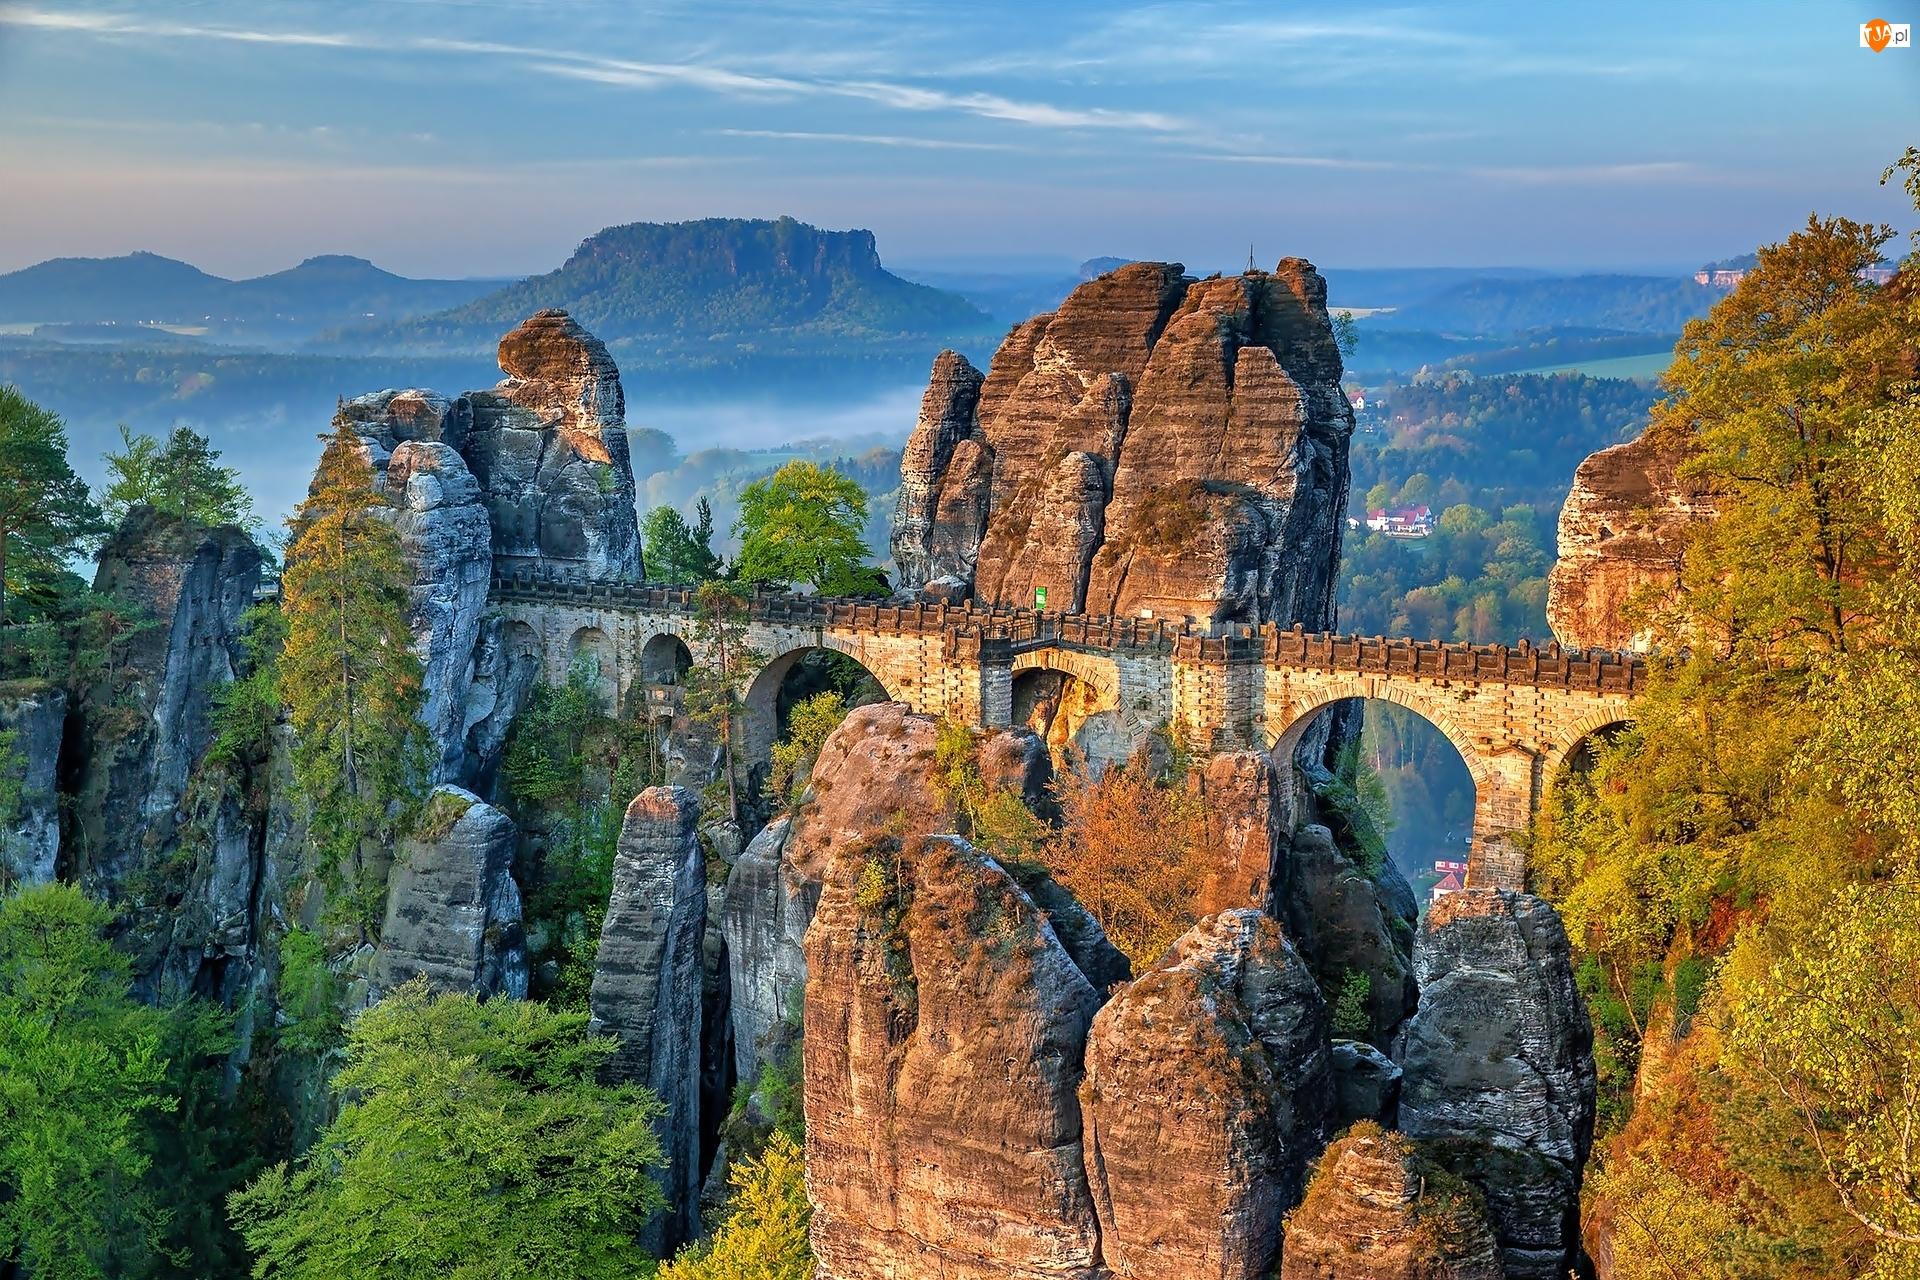 Park Narodowy Saskiej Szwajcarii, Formacja skalna Bastei, Skała, Niemcy, Góry Połabskie, Skały, Most